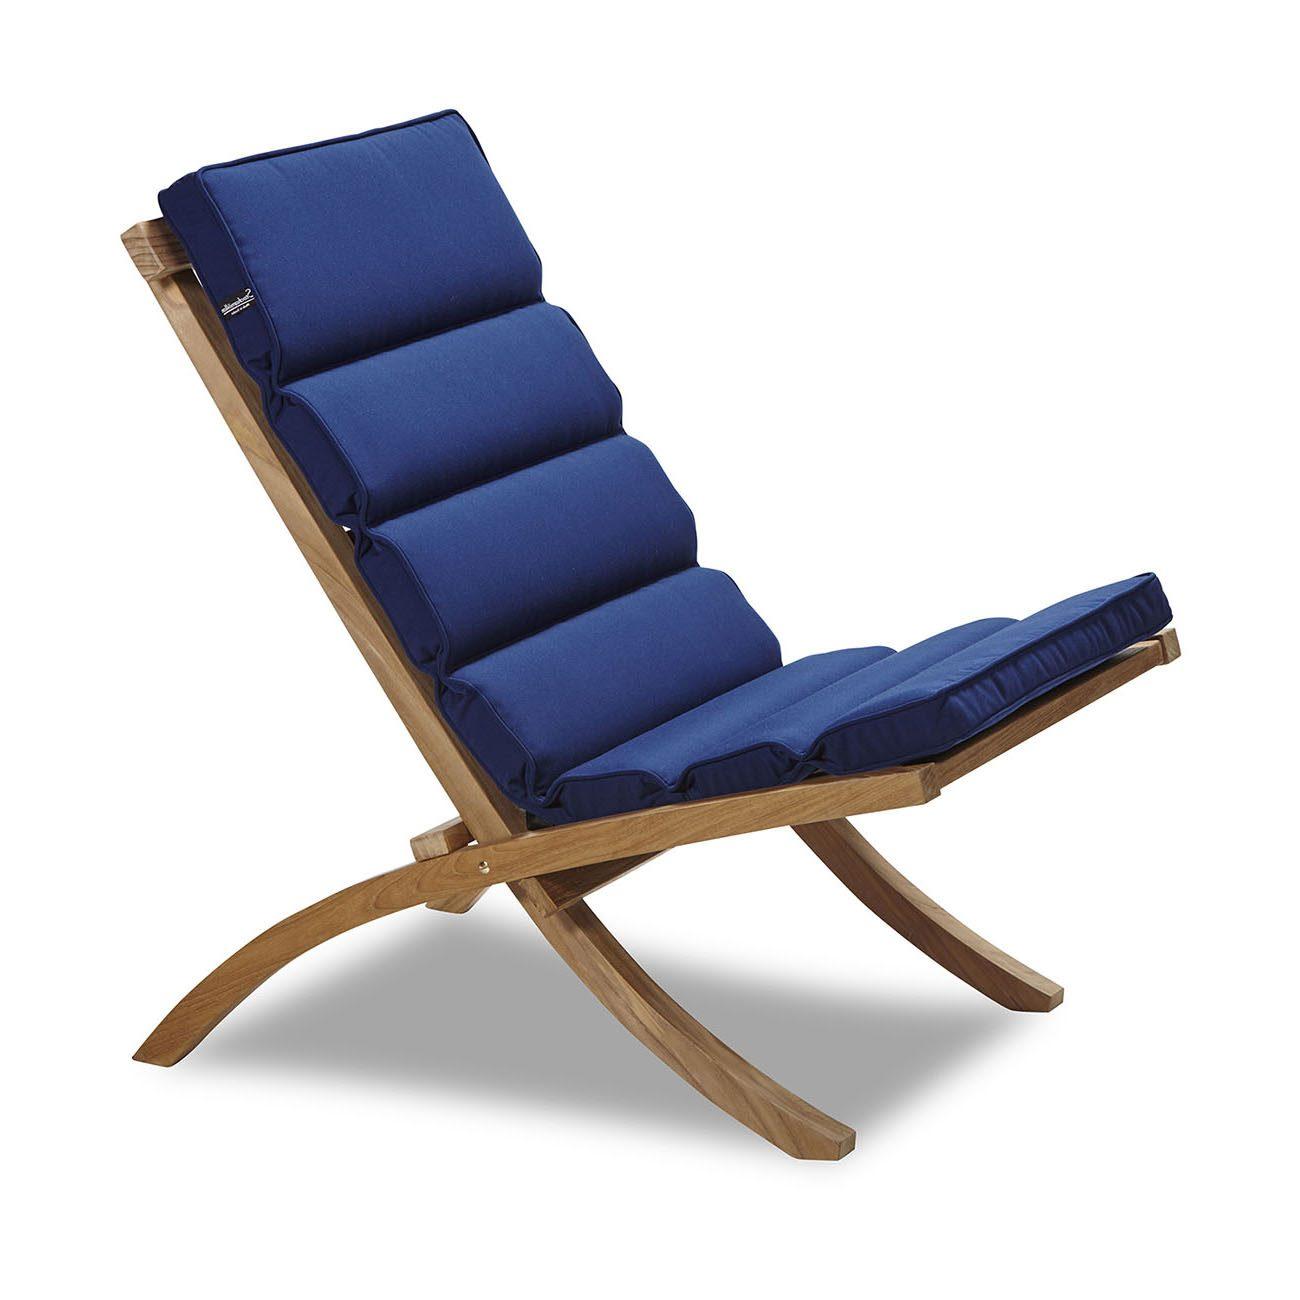 En blå dyna i Musko stol från Stockamöllan.